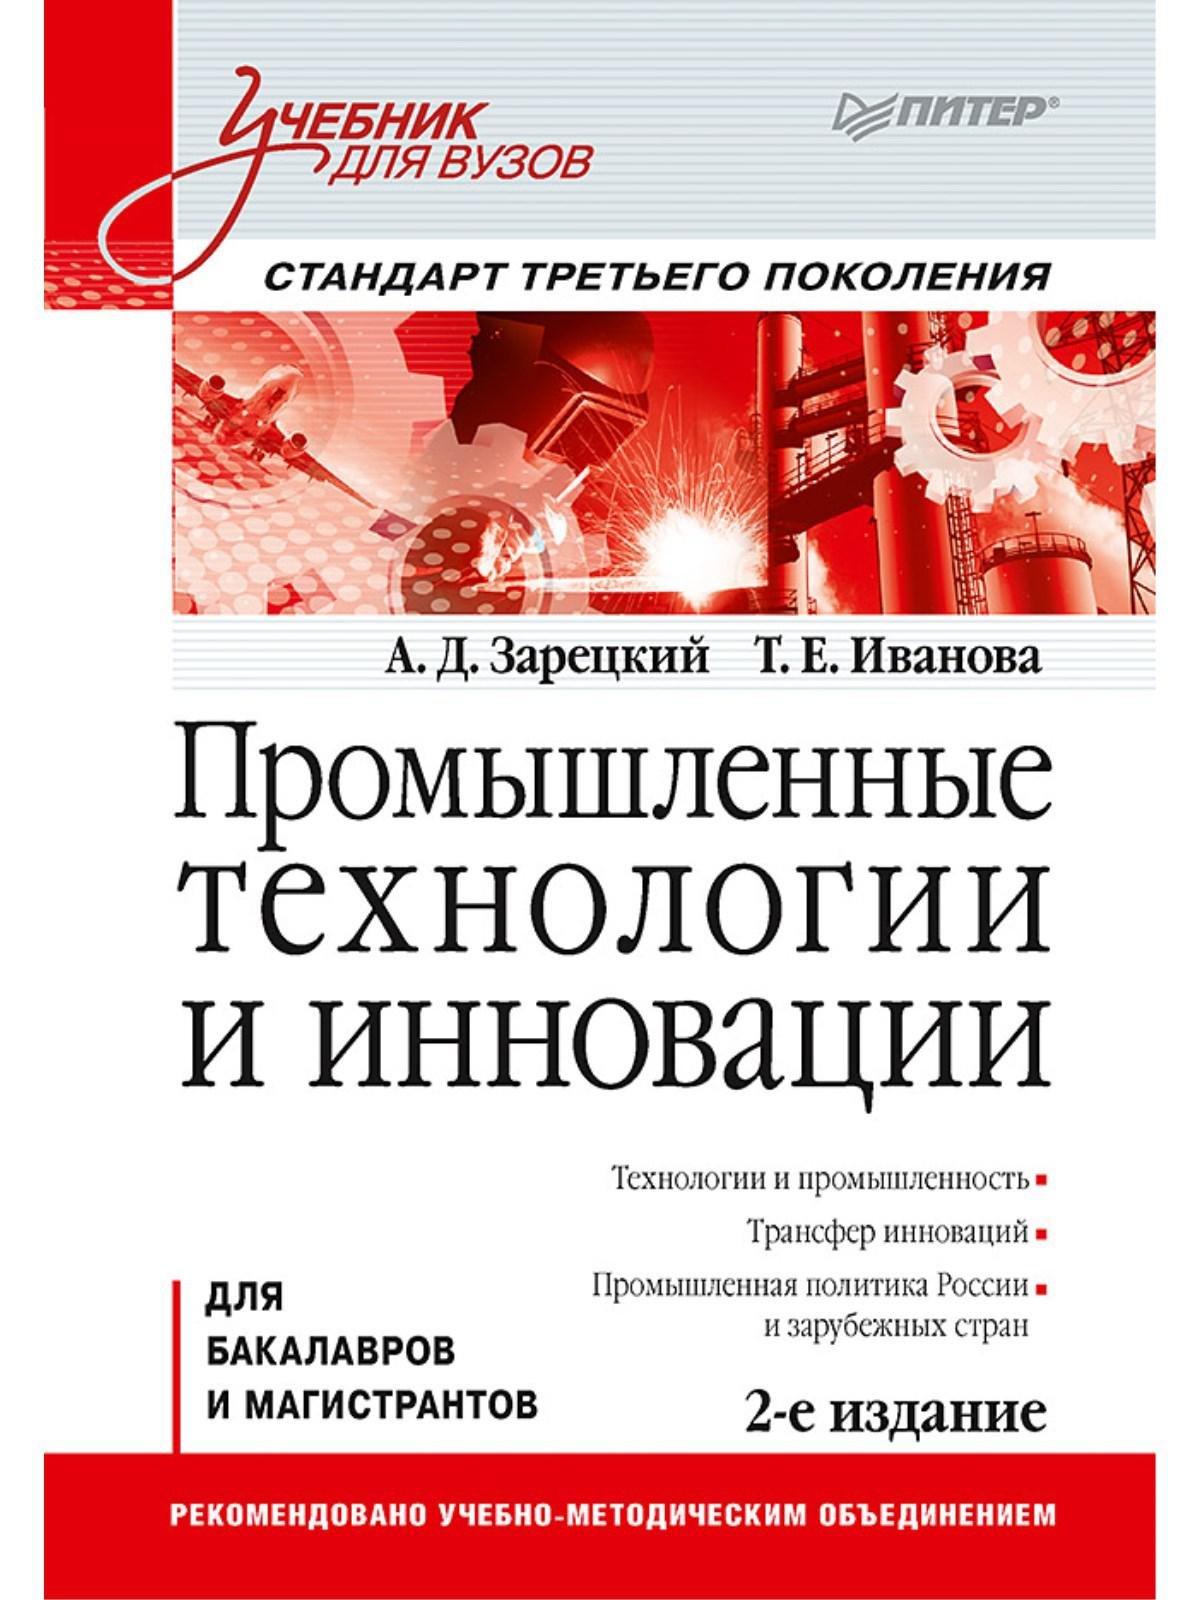 Зарецкий А Д Промышленные технологии и инновации: Учебник для вузов. 2-е изд. Стандарт третьего поколения